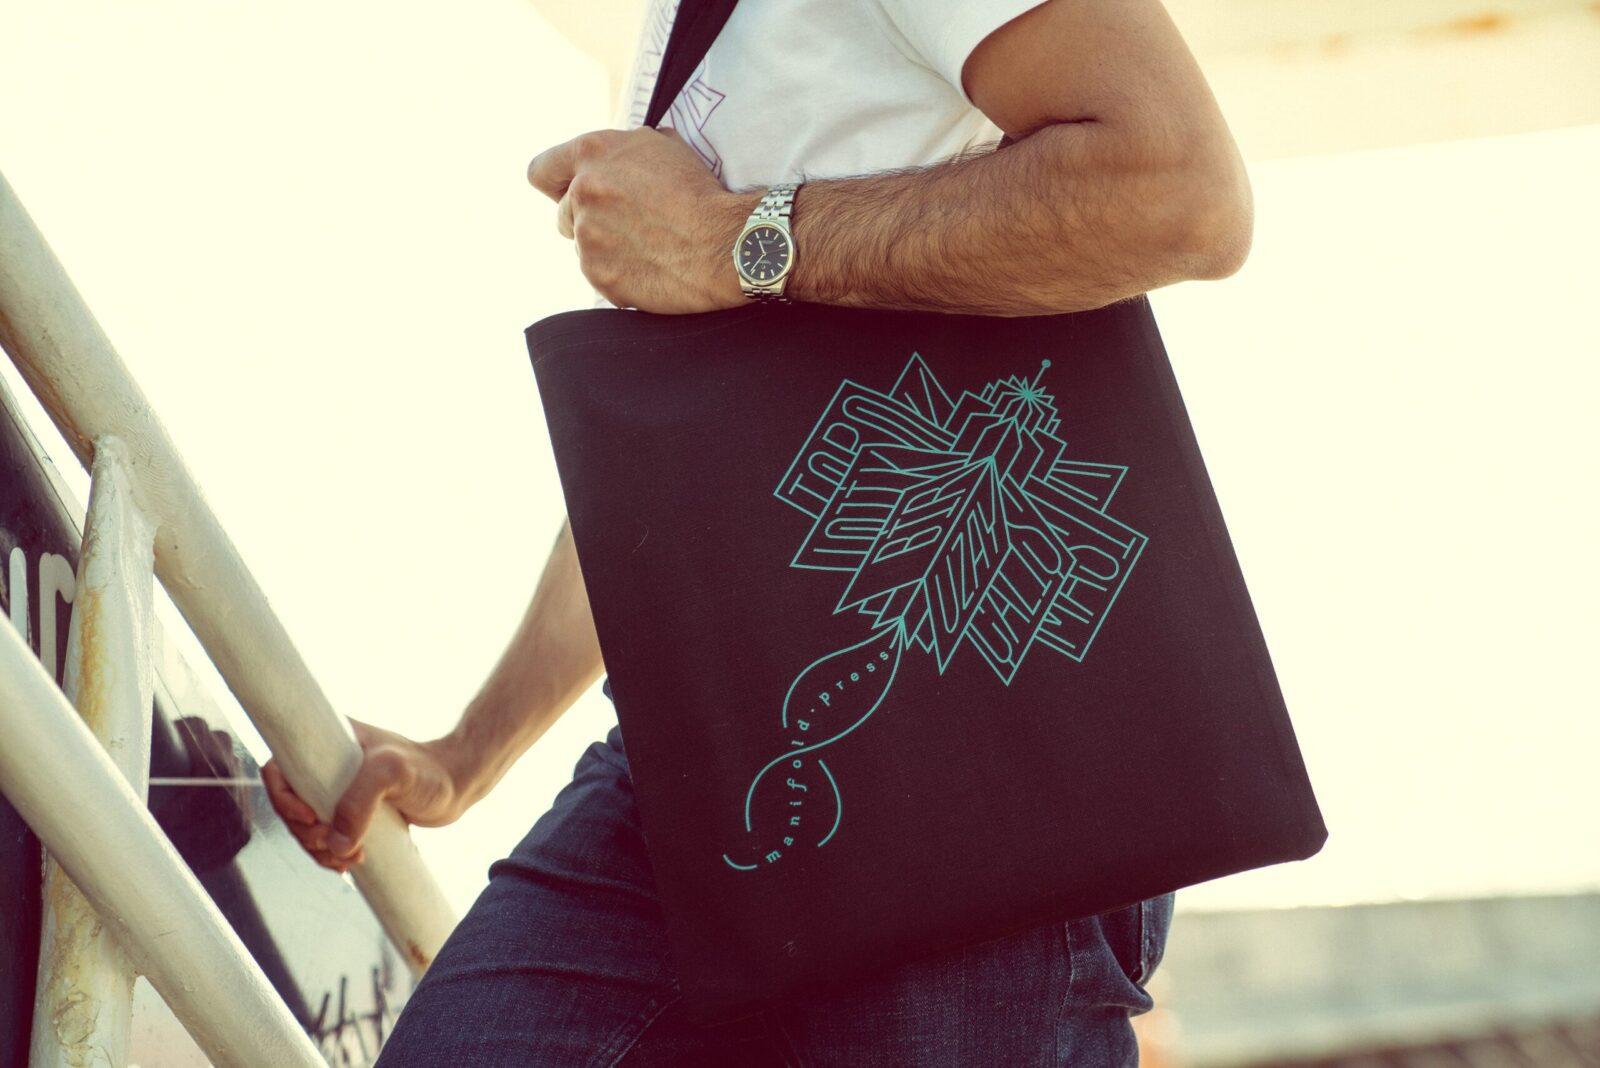 Manifold T-shirt and Tote Bag